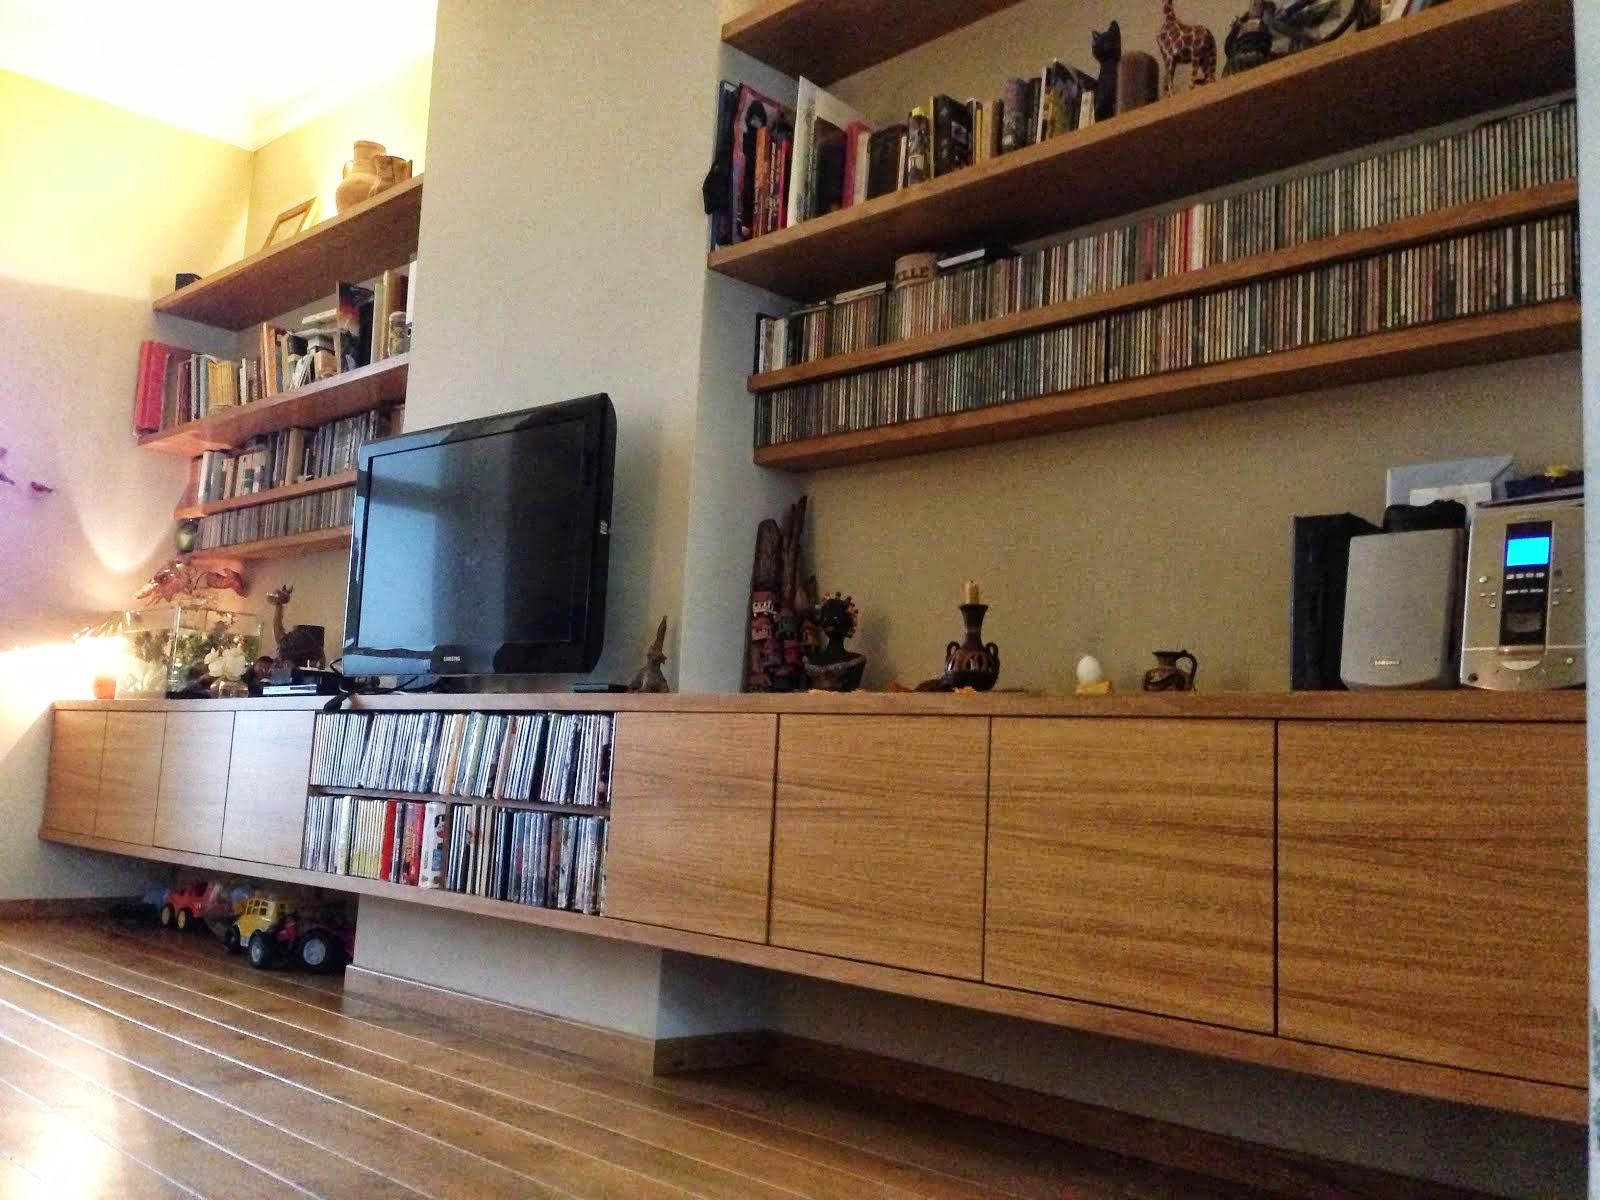 meuble salle de bain fait maison elegant meuble salle de bain fait maison nouveau meuble salle. Black Bedroom Furniture Sets. Home Design Ideas